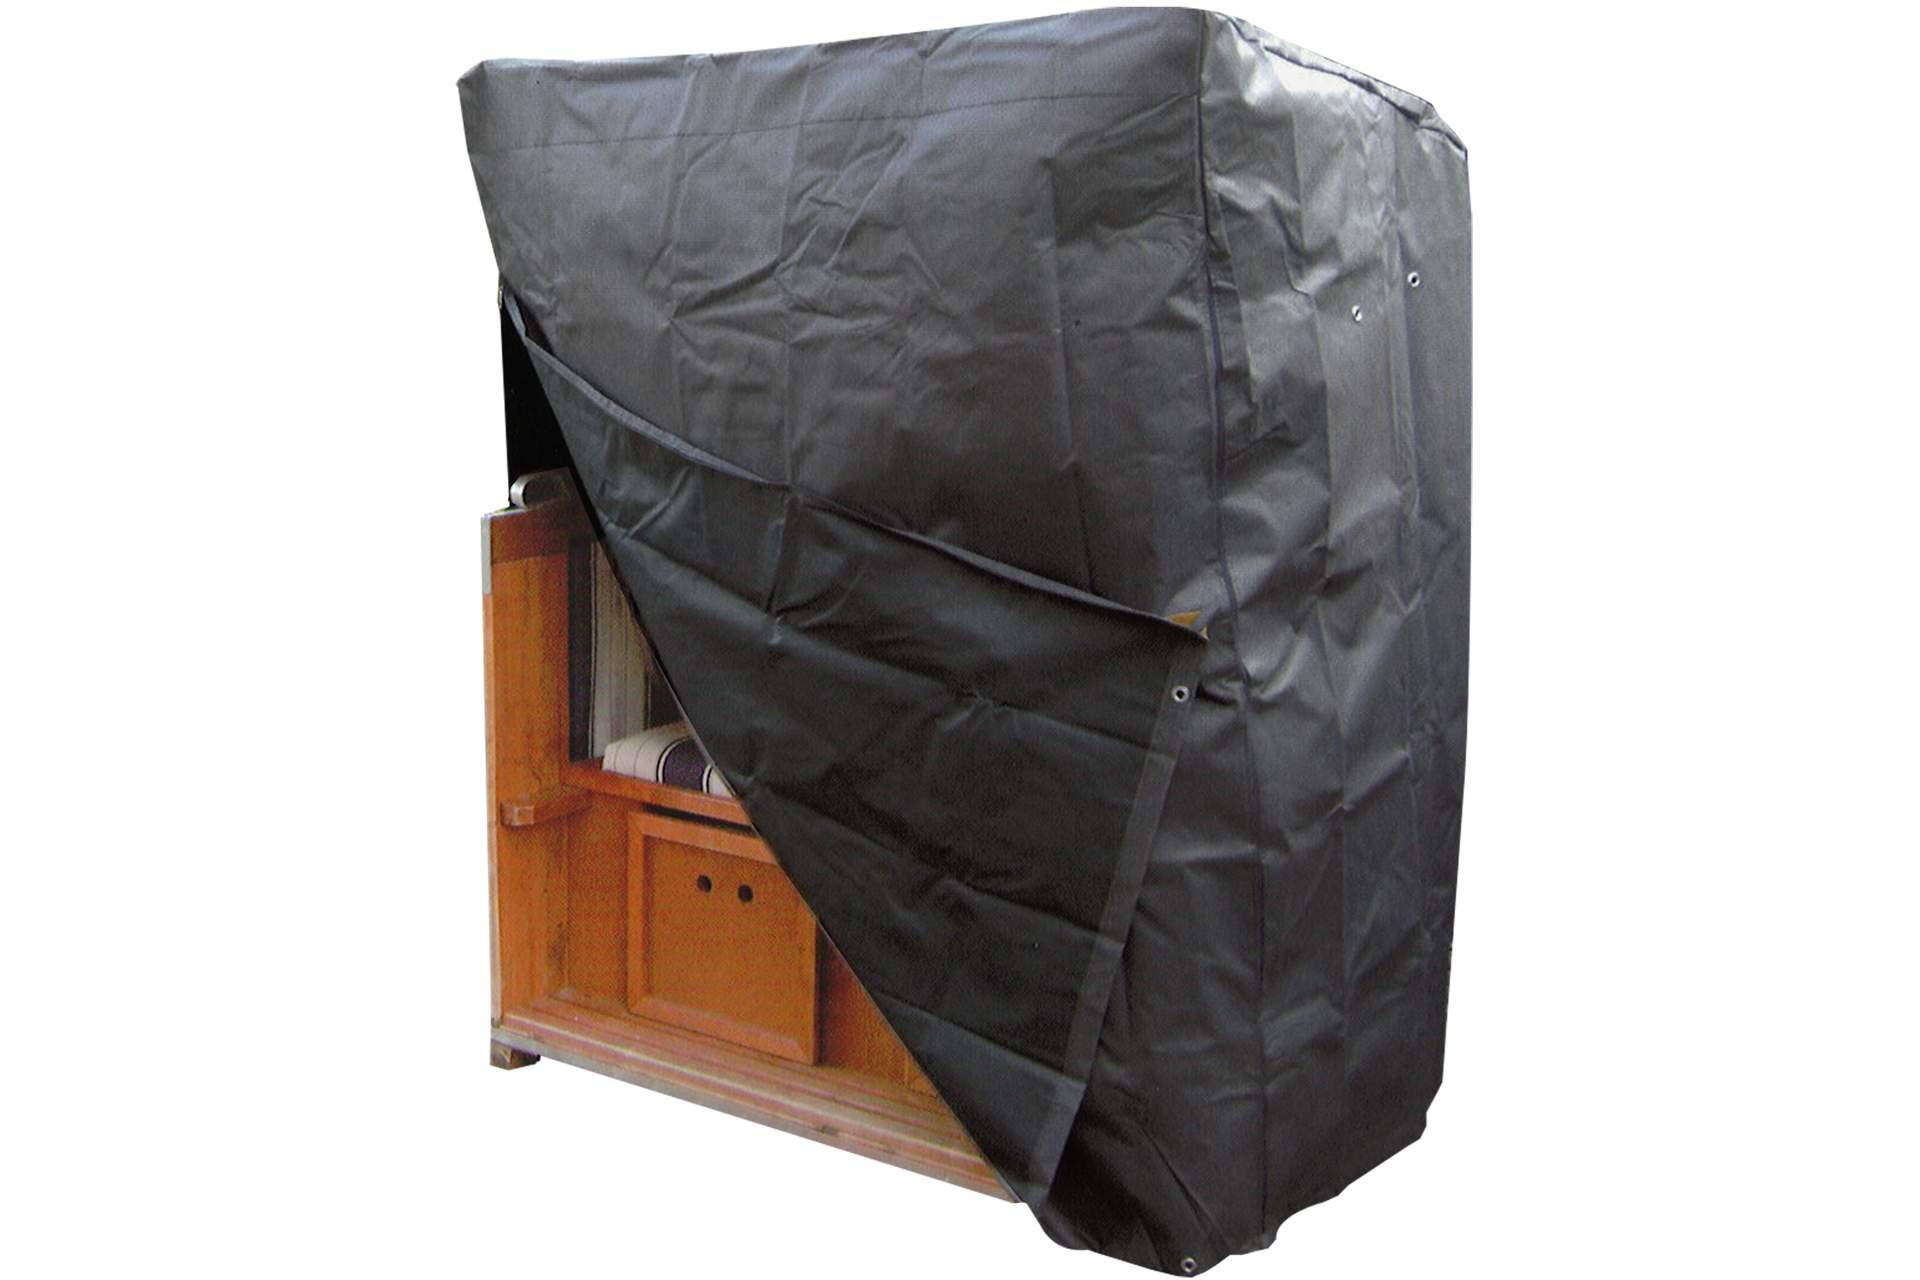 strandkorb schutzh lle kynast komfort grau 155cm schutzhaube gartenm bel haus und garten. Black Bedroom Furniture Sets. Home Design Ideas